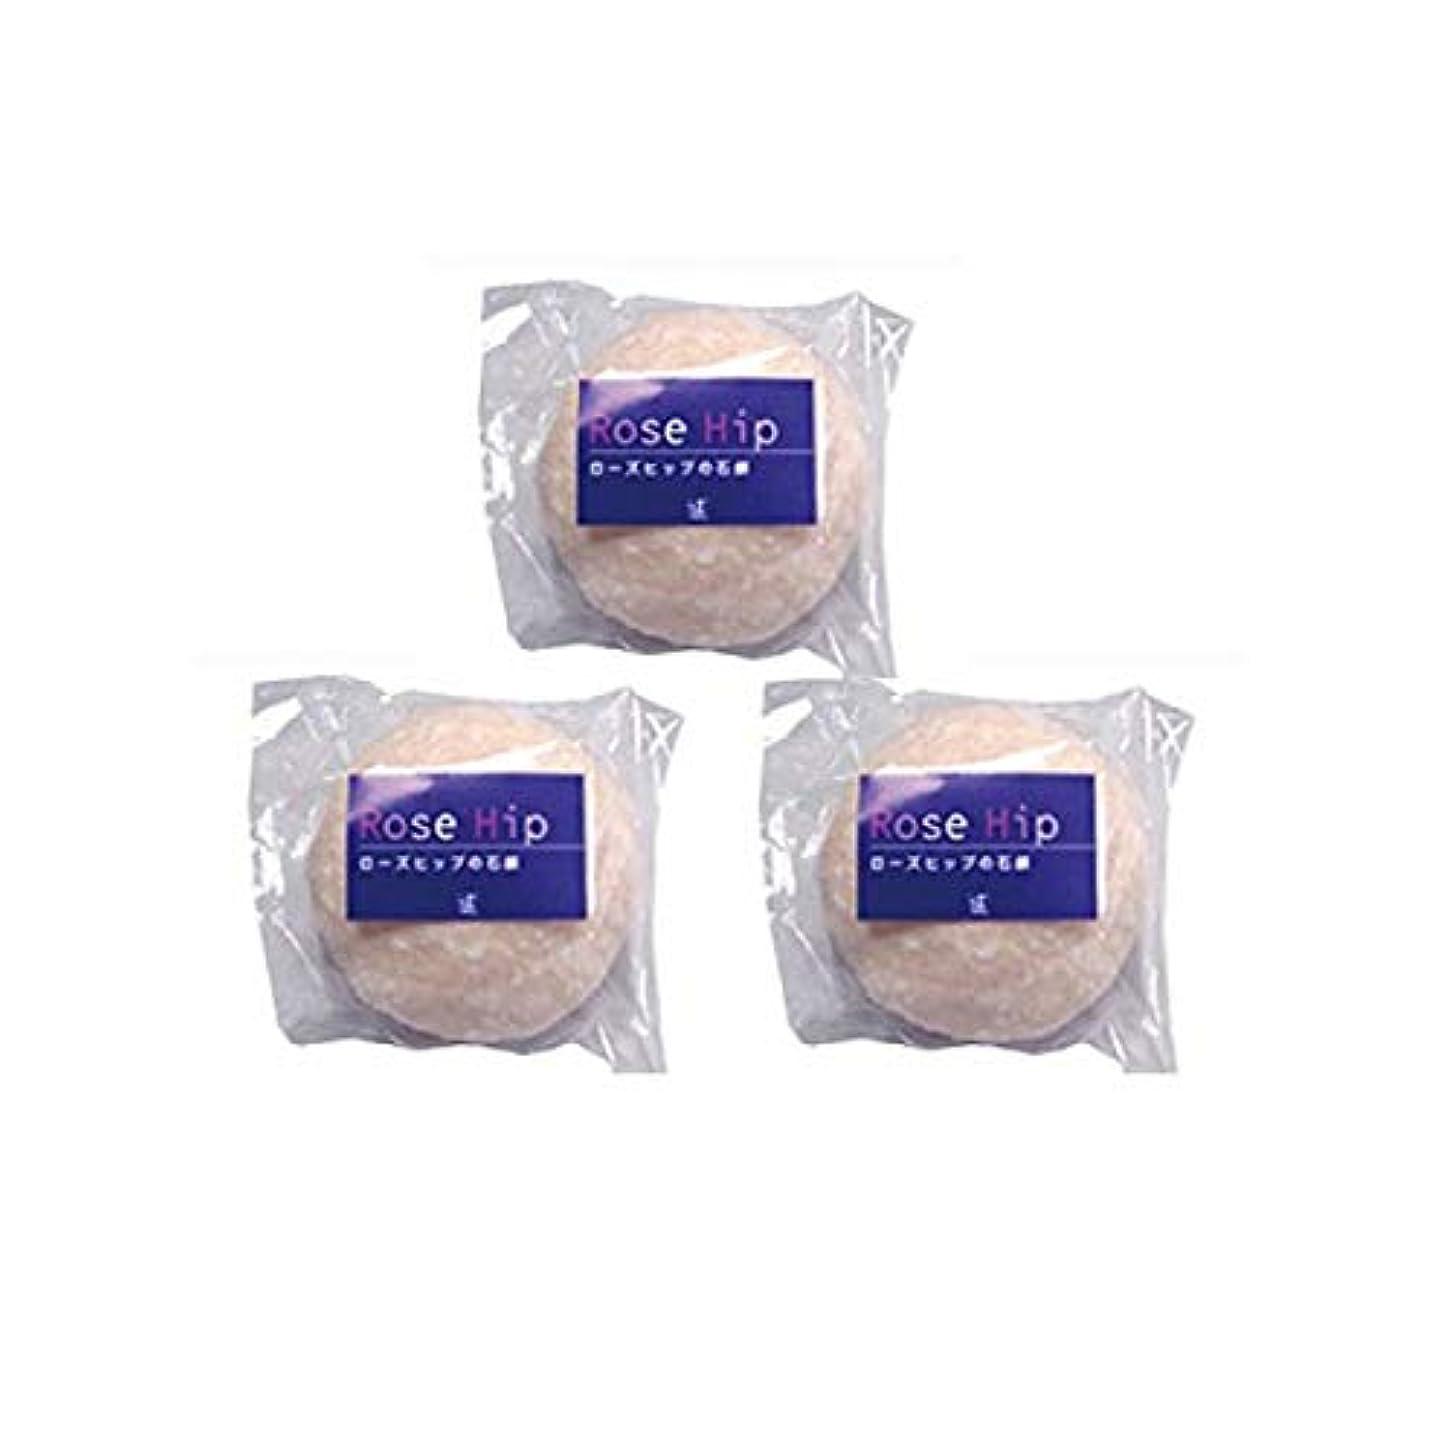 回復最終的にバブル山澤清ローズヒップ石鹸3個セット(70g×3個)スパール山澤清のローズヒップ無添加洗顔石鹸